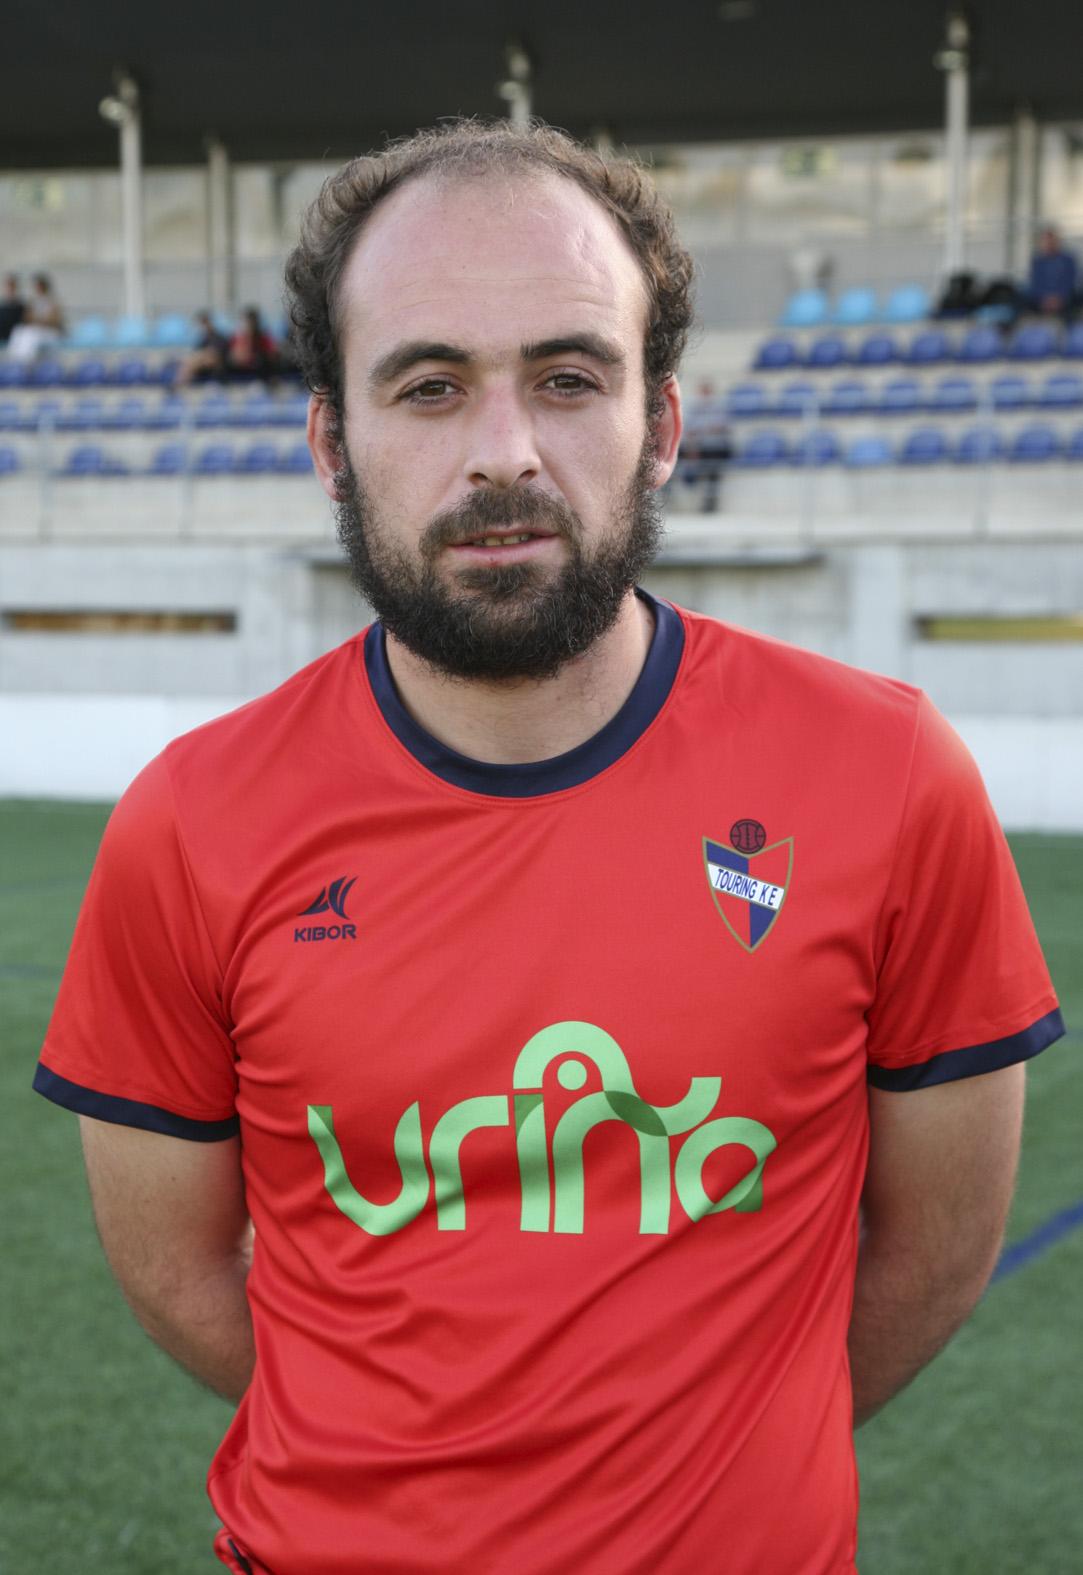 Ion Kepa Oiarzabal